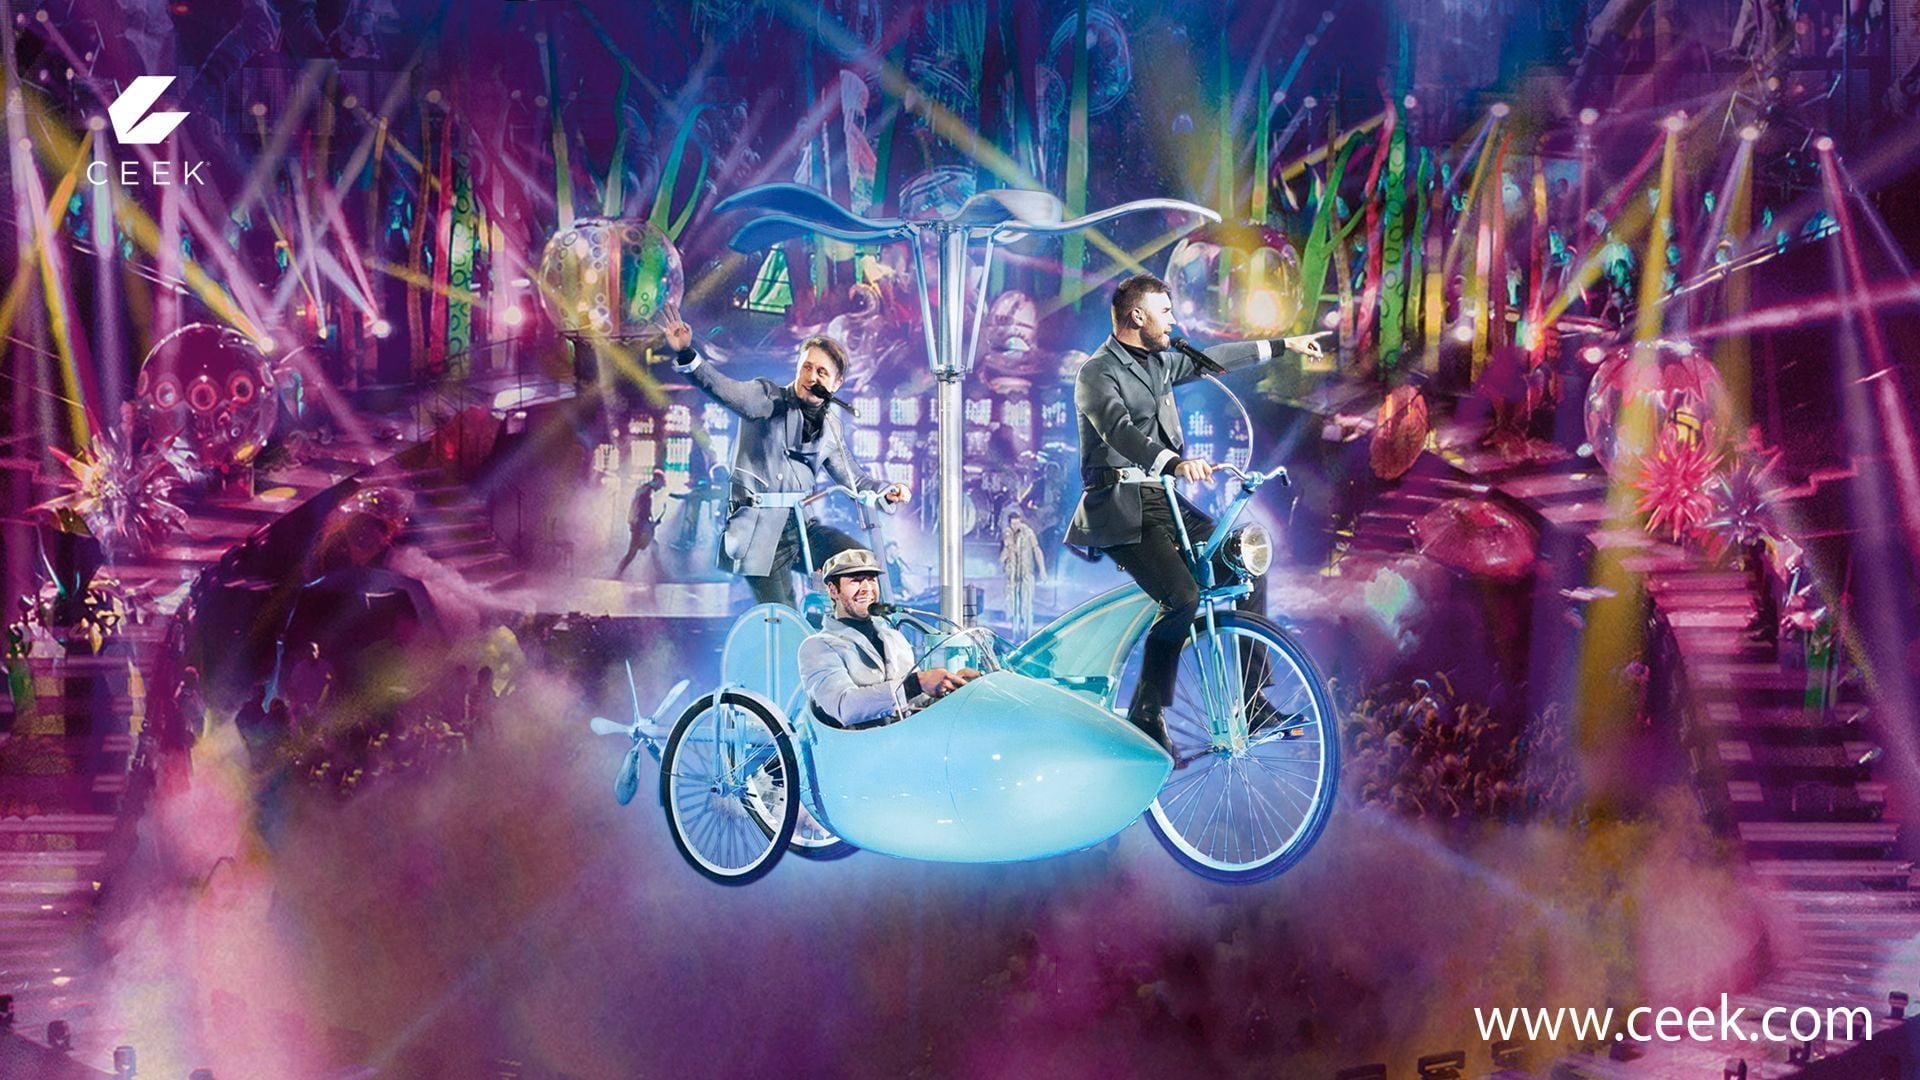 Take That - O2 Arena